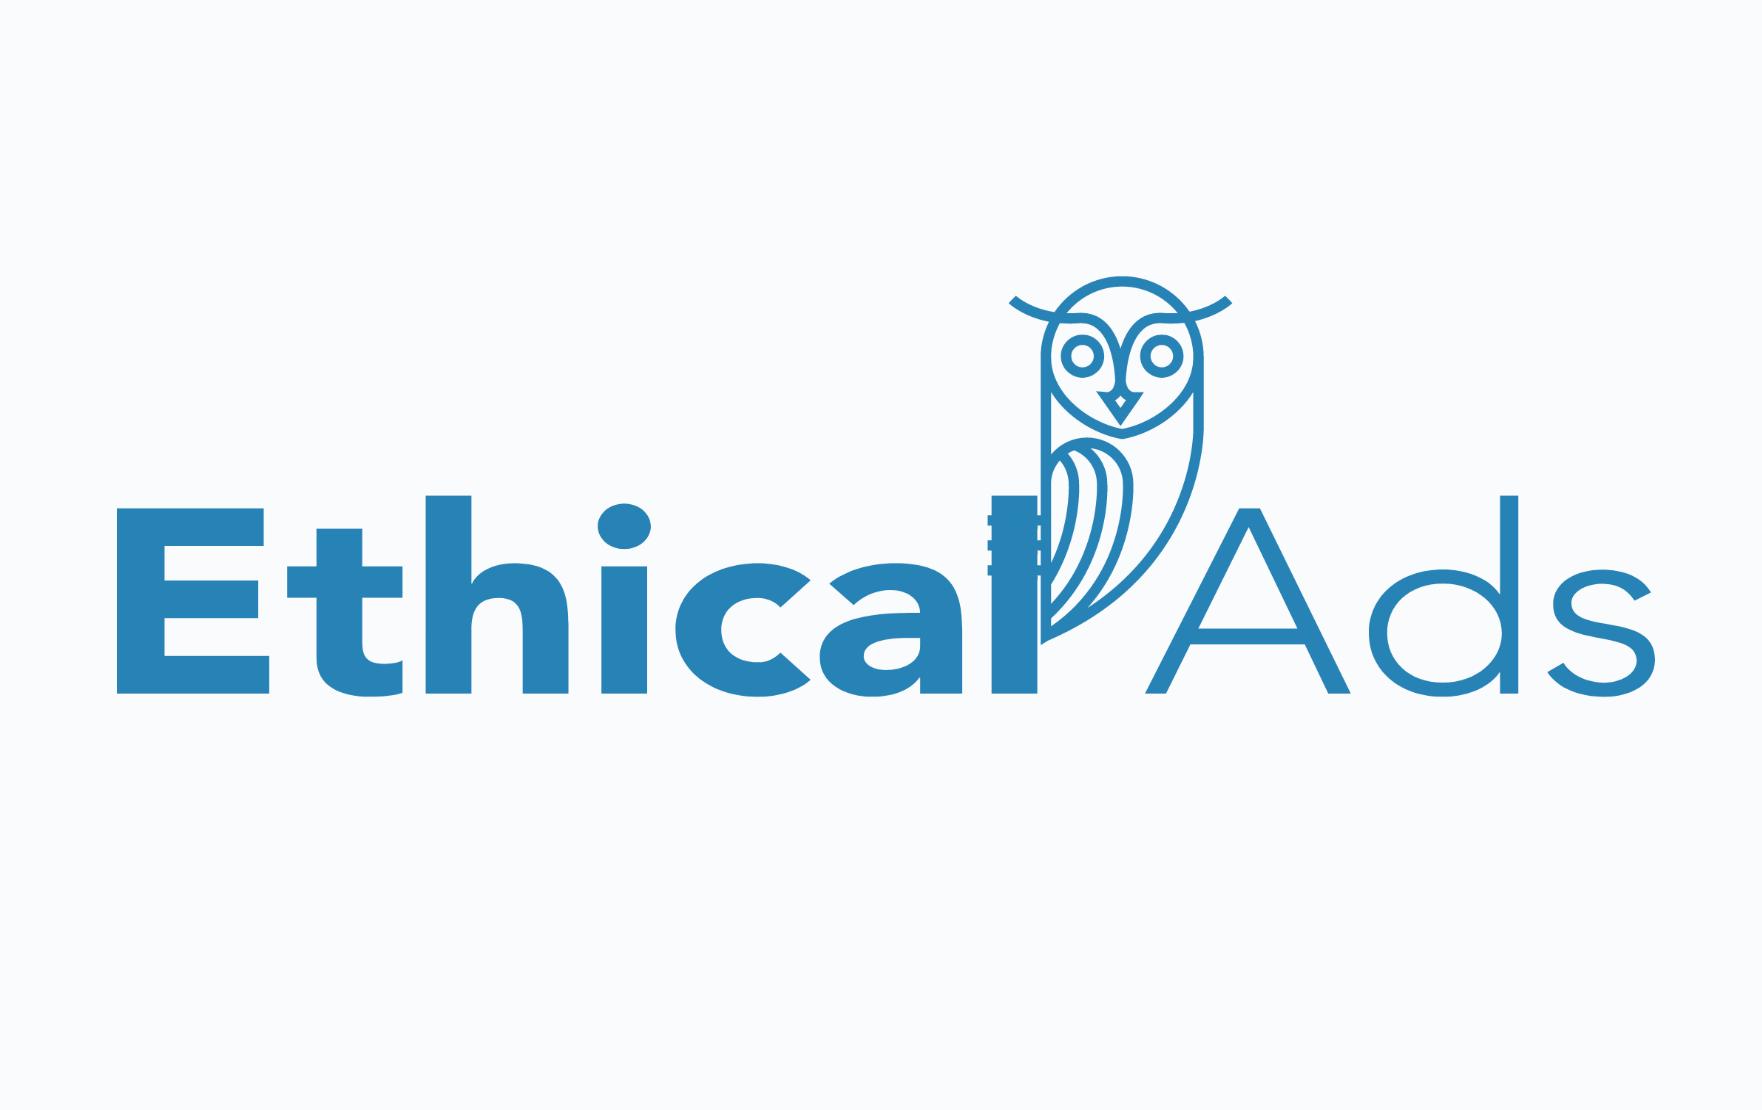 EthicalAds